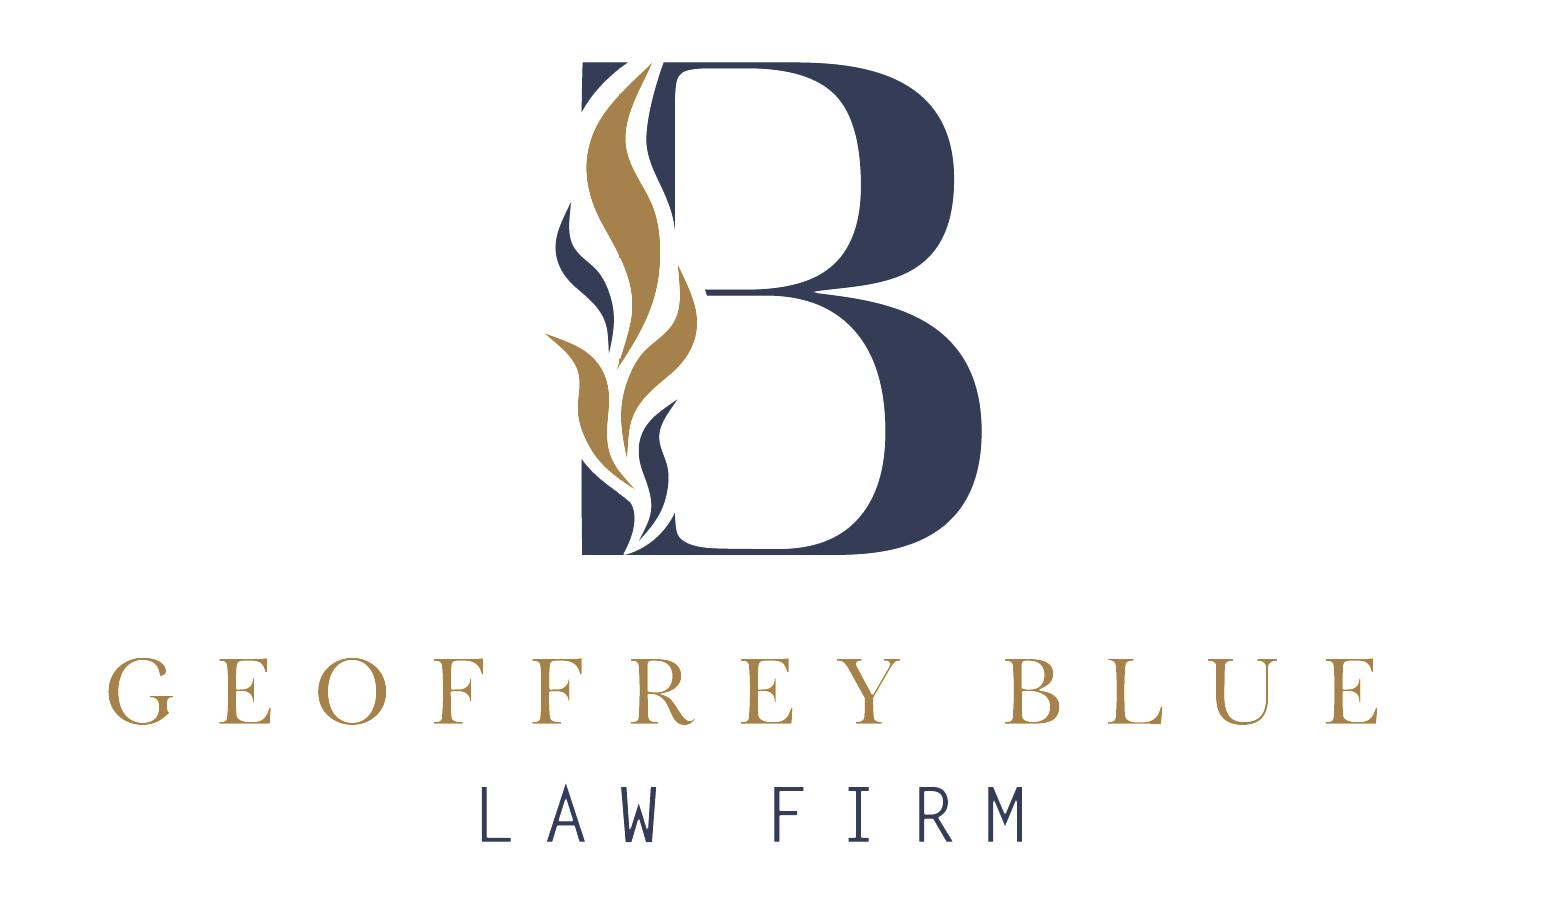 Geoffrey Blue Law Firm logo